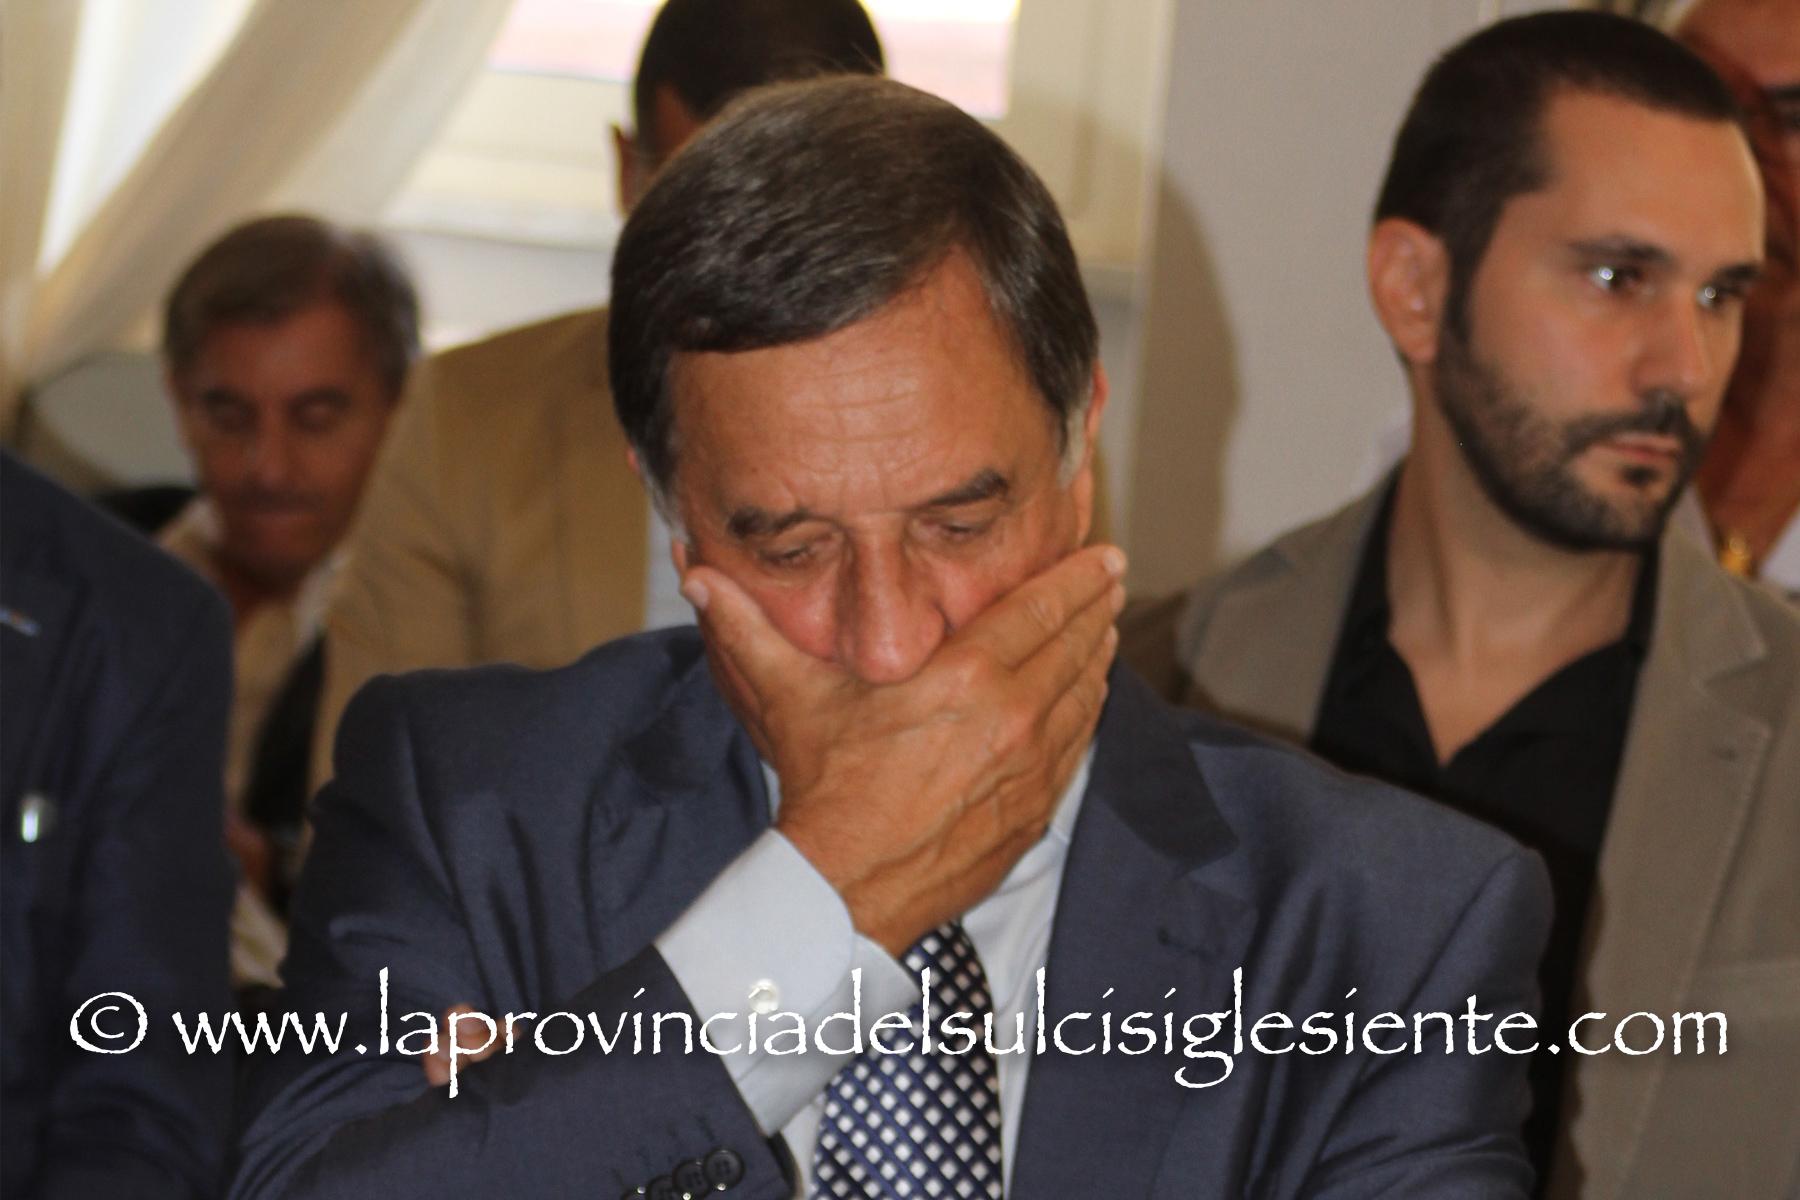 Parentopoli in Parlamento: sottosegretario si dimette dopo il servizio delle Iene